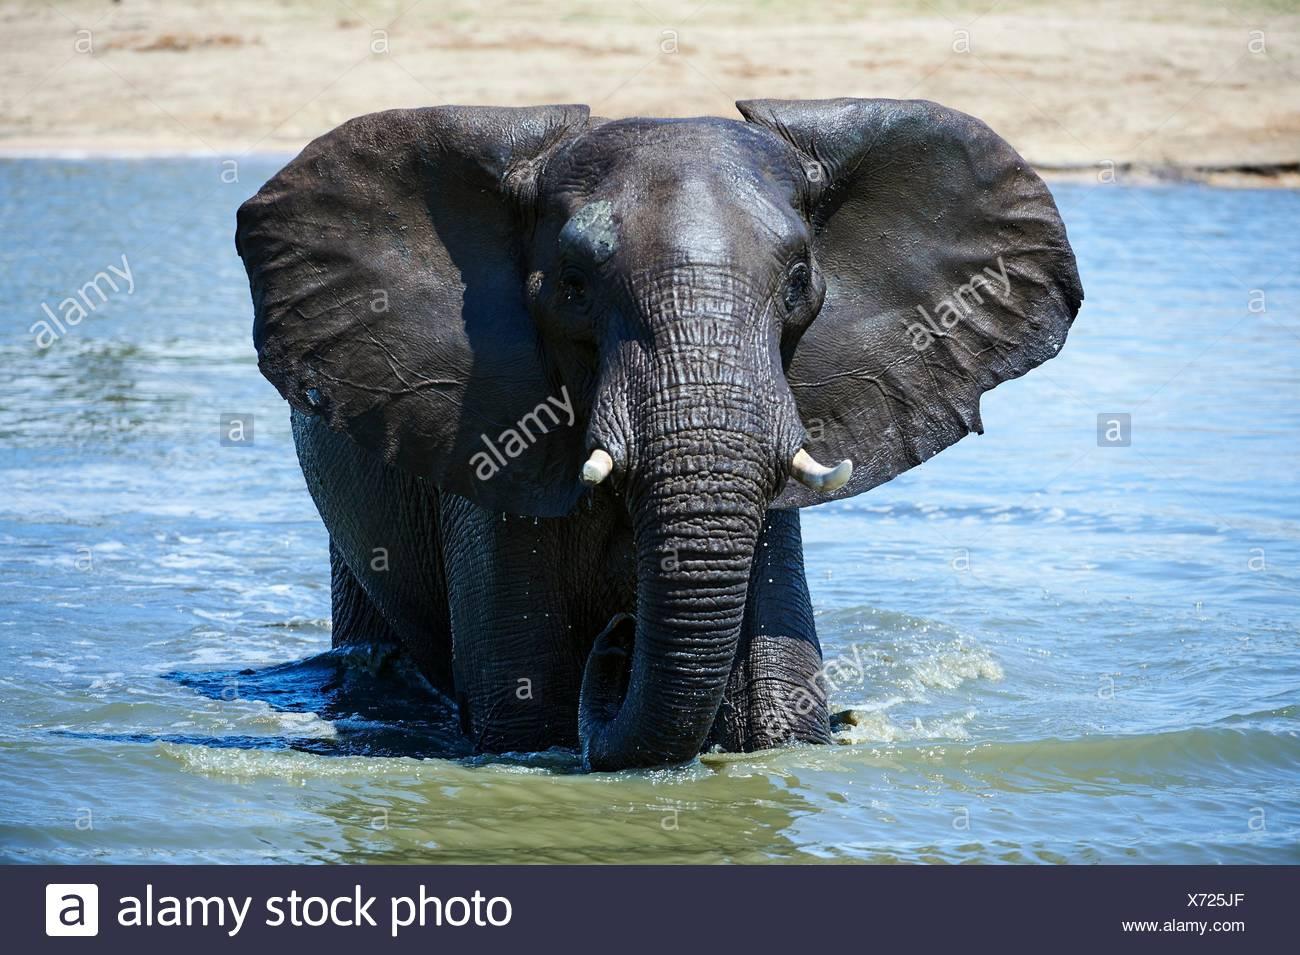 L'éléphant africain (Loxodonta africana) boire et se baigner dans un watehole. Le parc national de Hwange, Zimbabwe. Banque D'Images